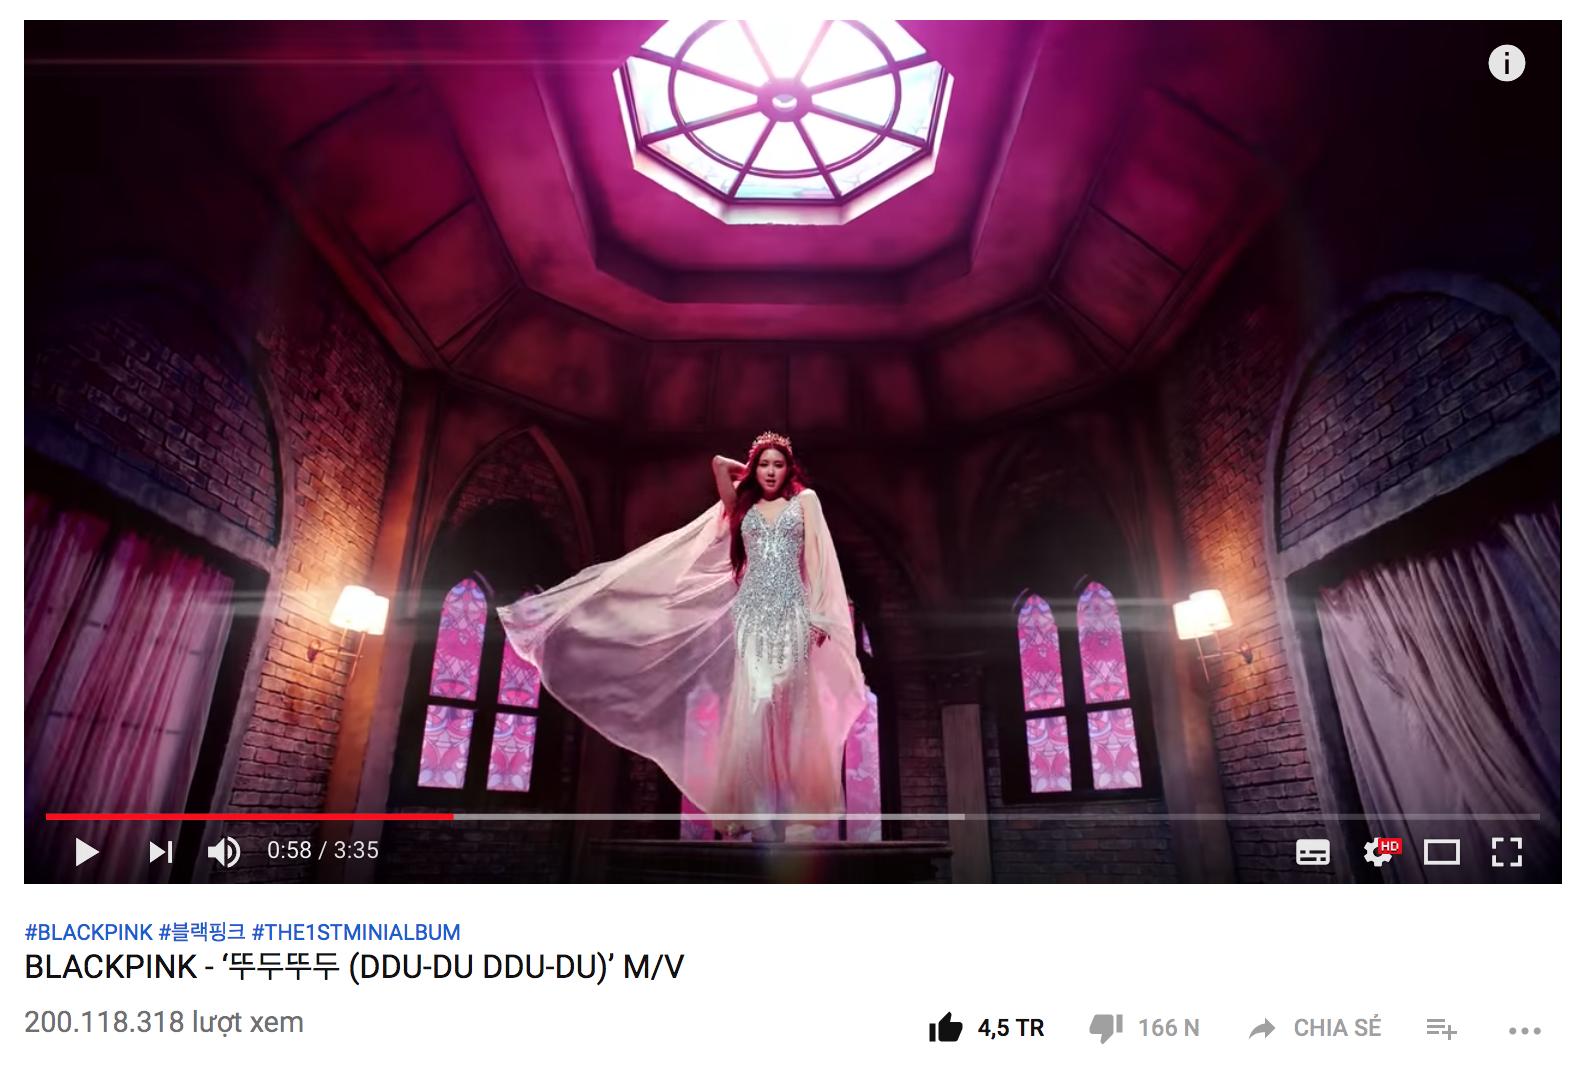 MV mới của Black Pink đạt 200 triệu view, tiếp tục phá kỉ lục của BTS - Ảnh 1.